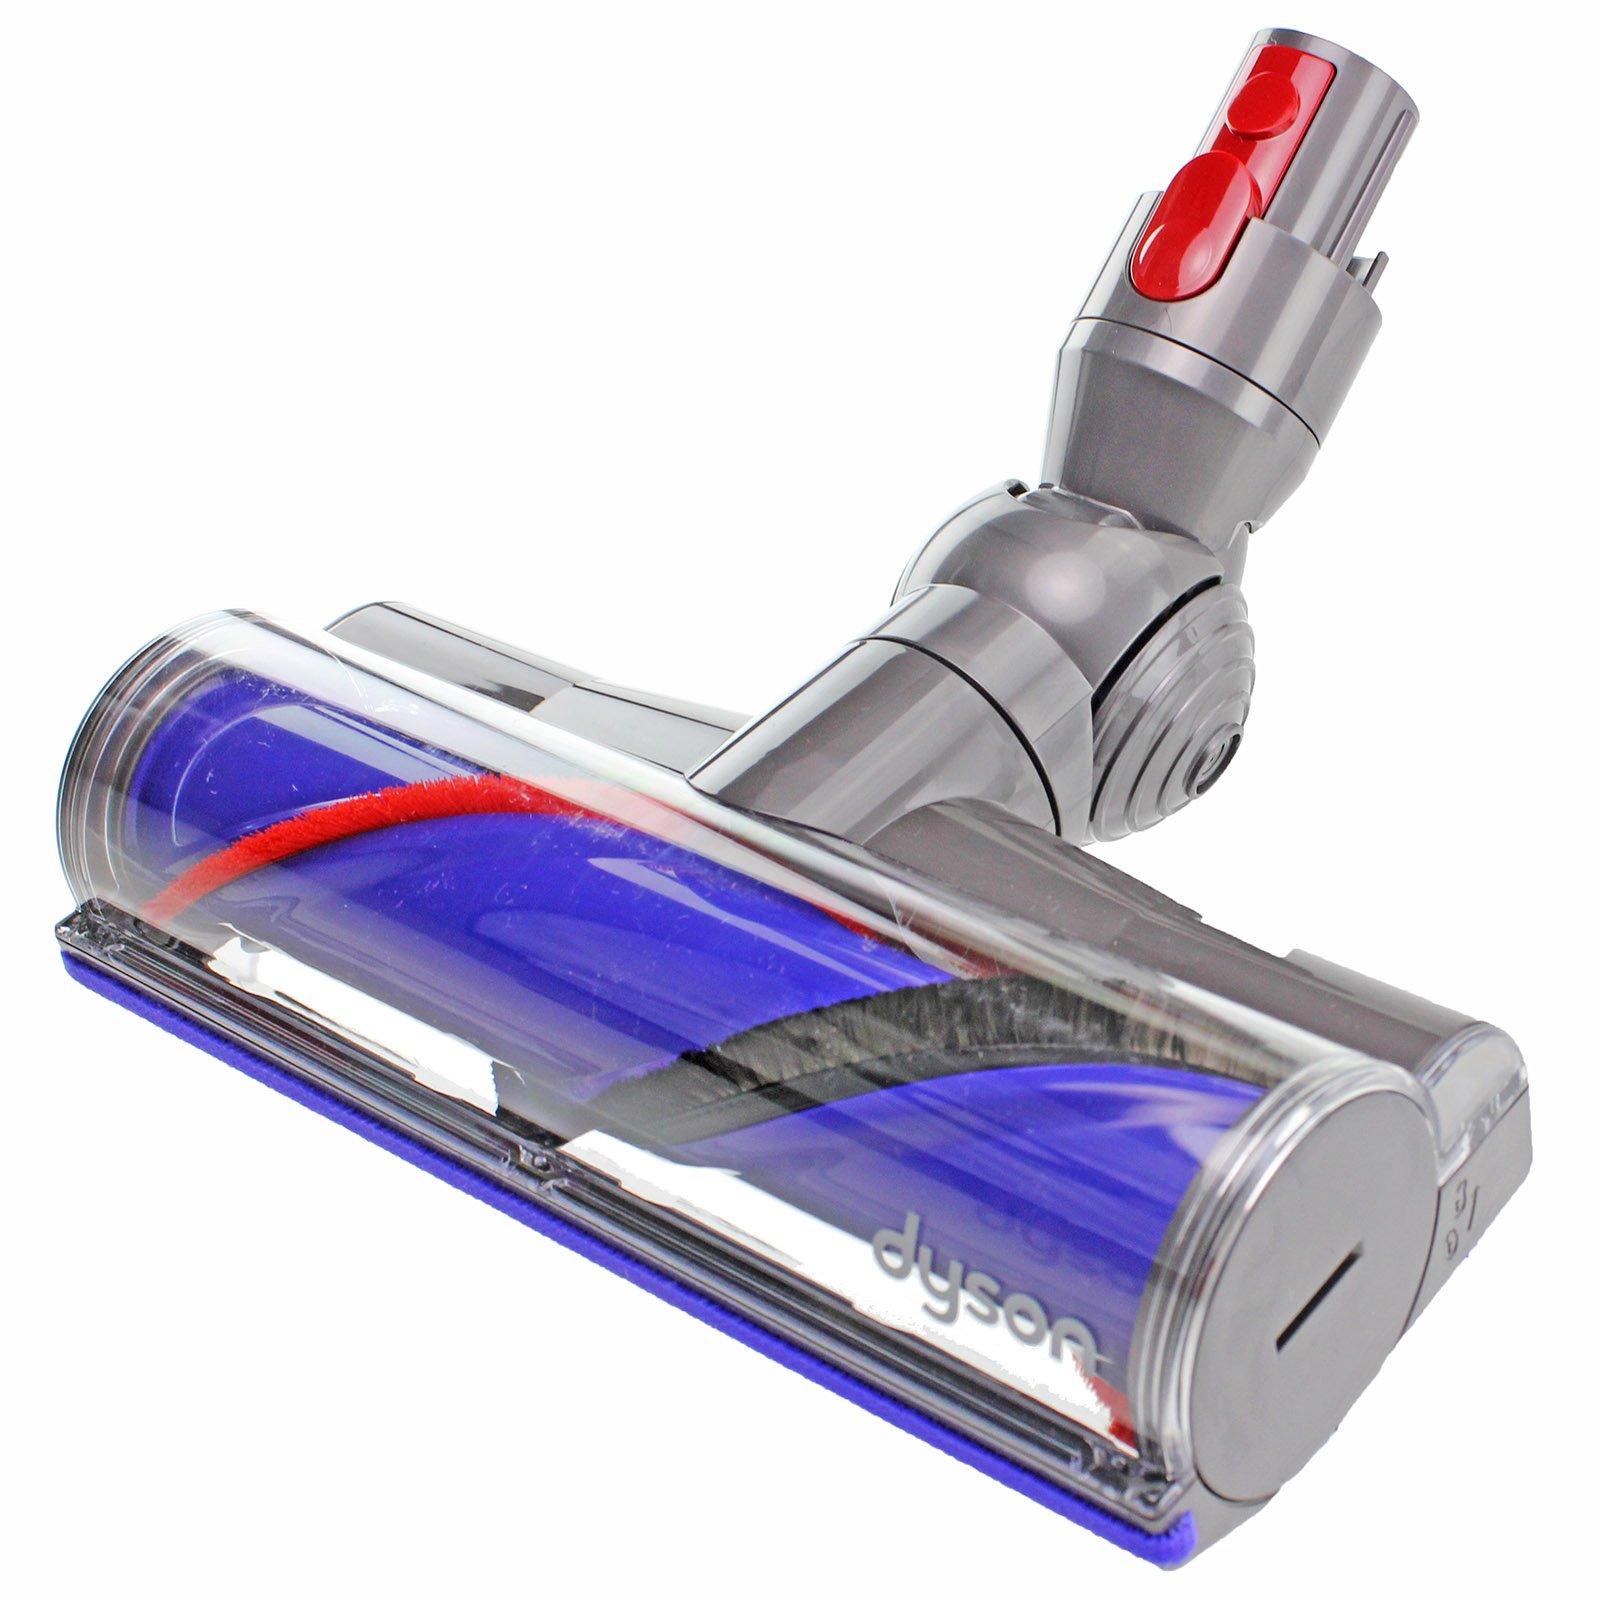 Dyson V8 Animal Absolute SV10 Cordless Vacuum Cleaner Turbine Floor Tool